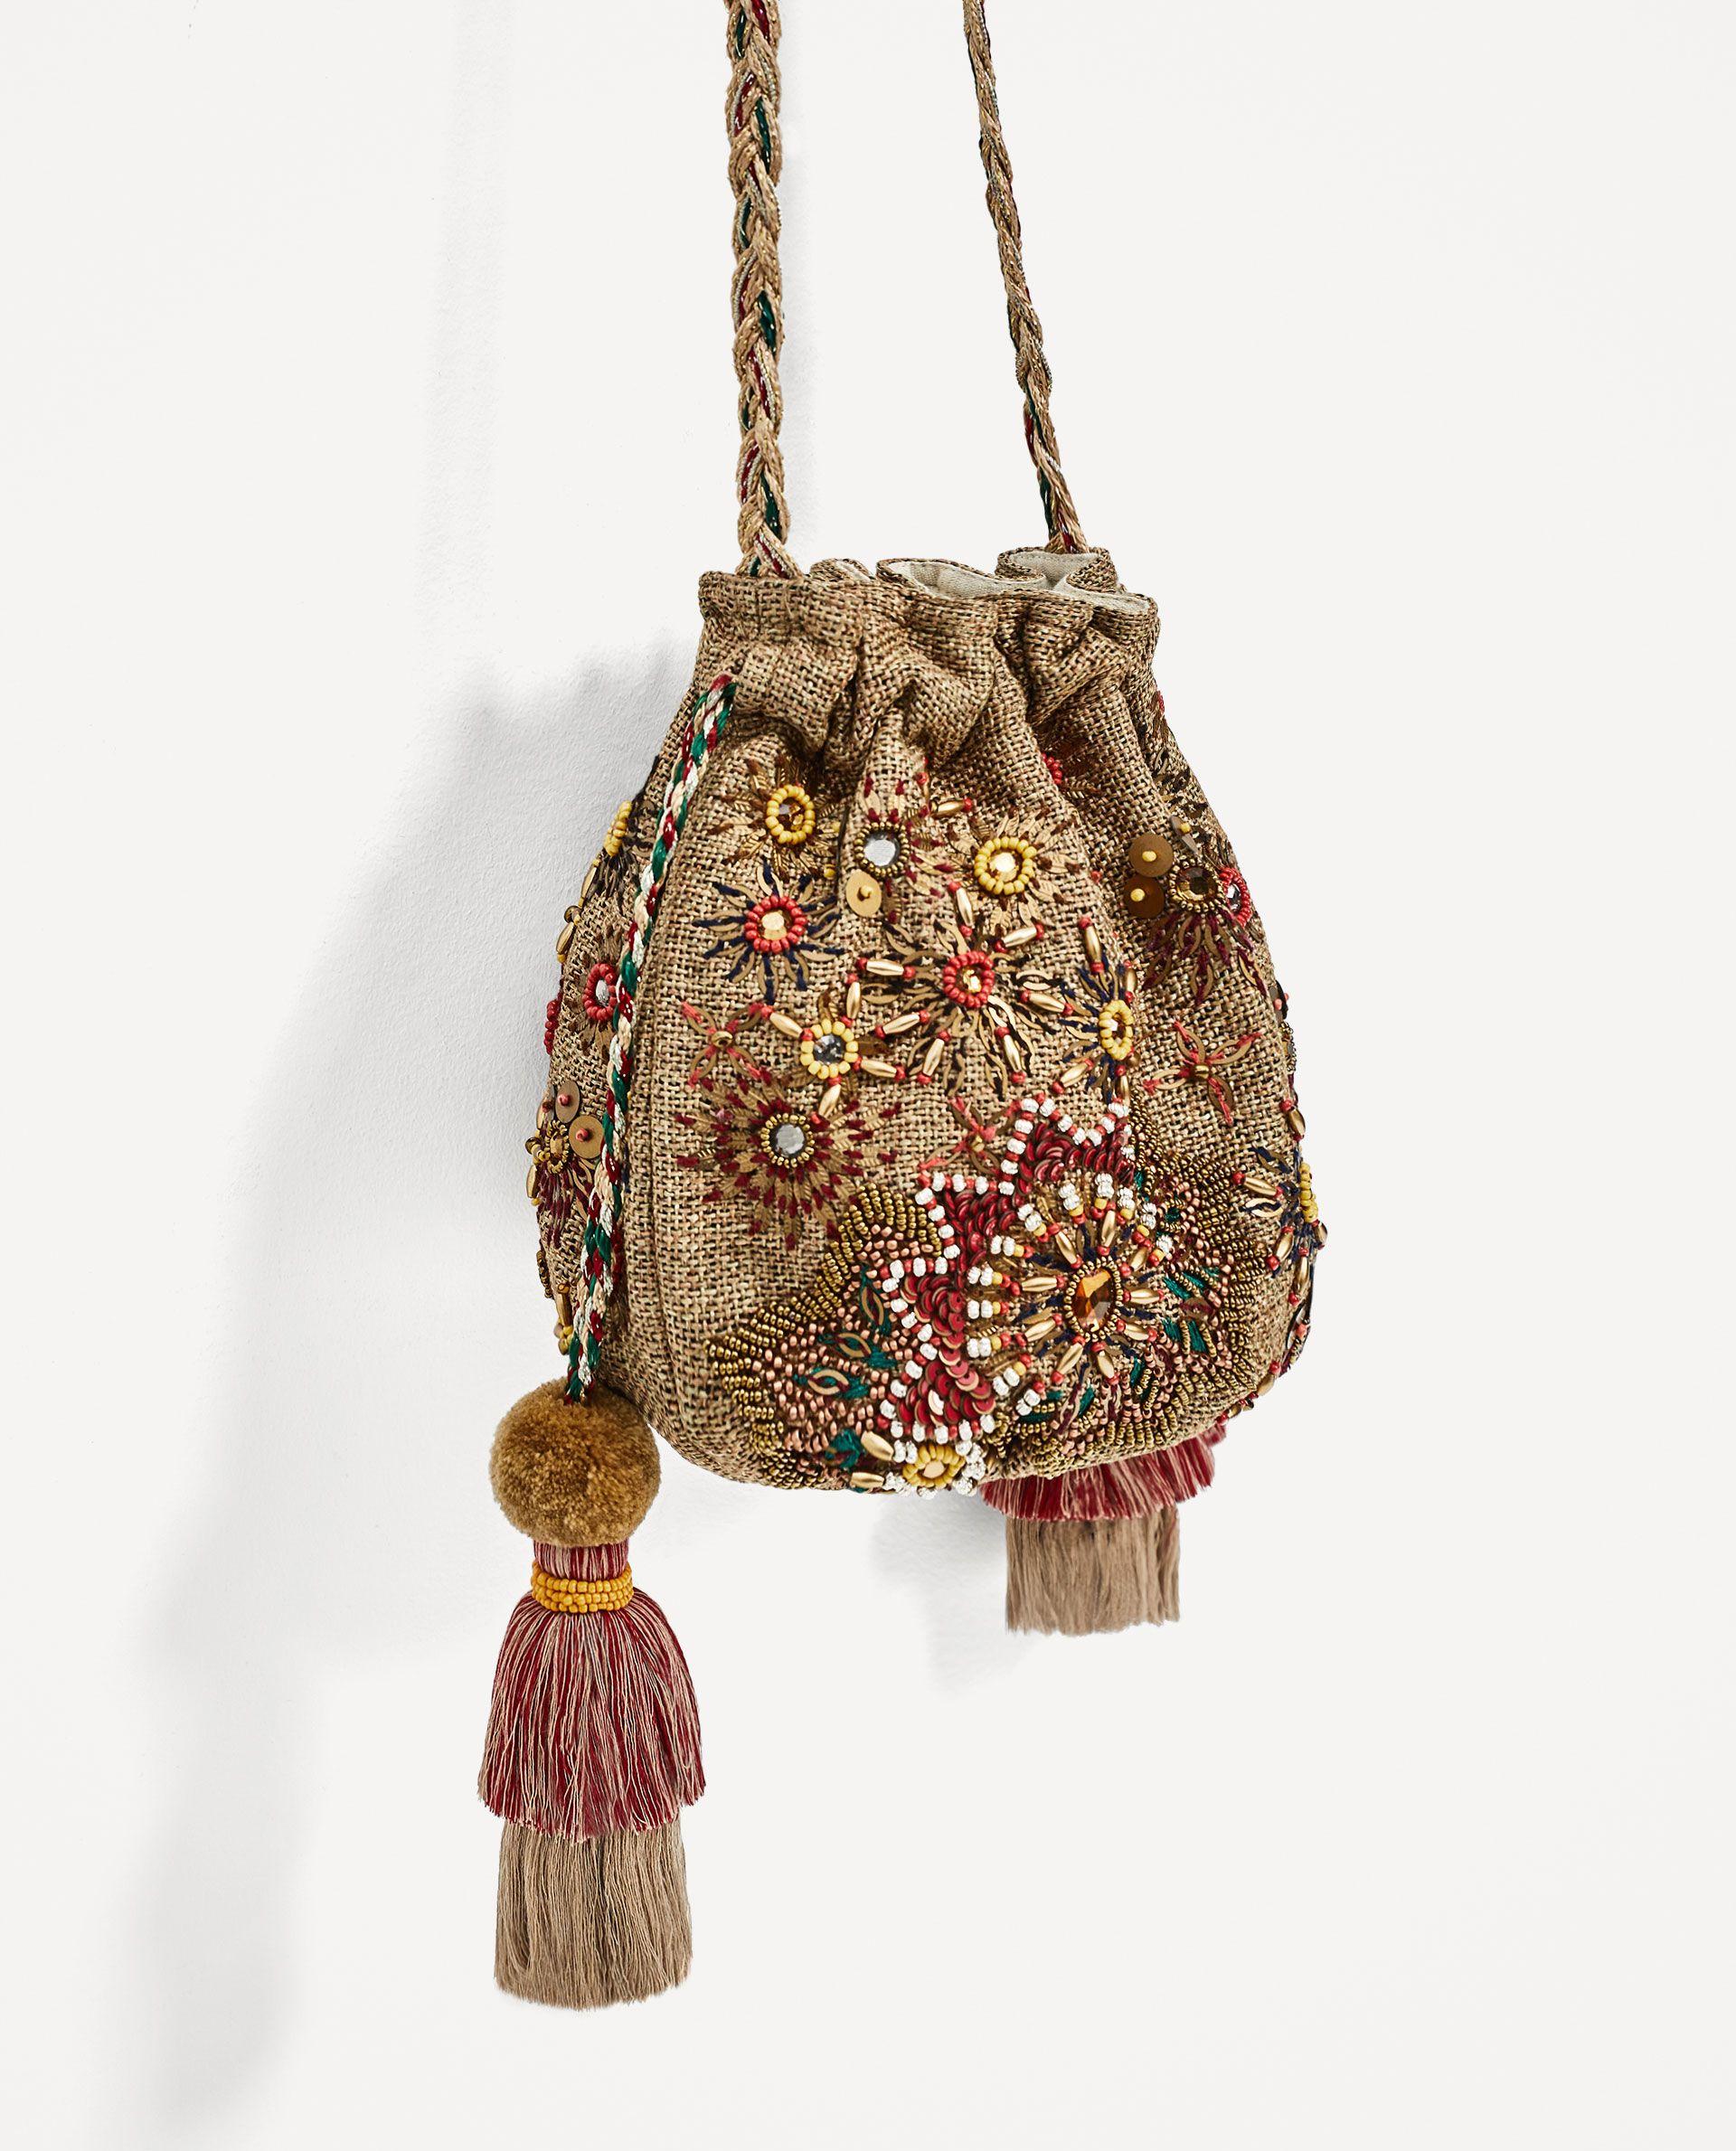 817720ccf230 BOMBONERA ABALORIOS | Wish List | Bags, Embroidery bags, Boho bags